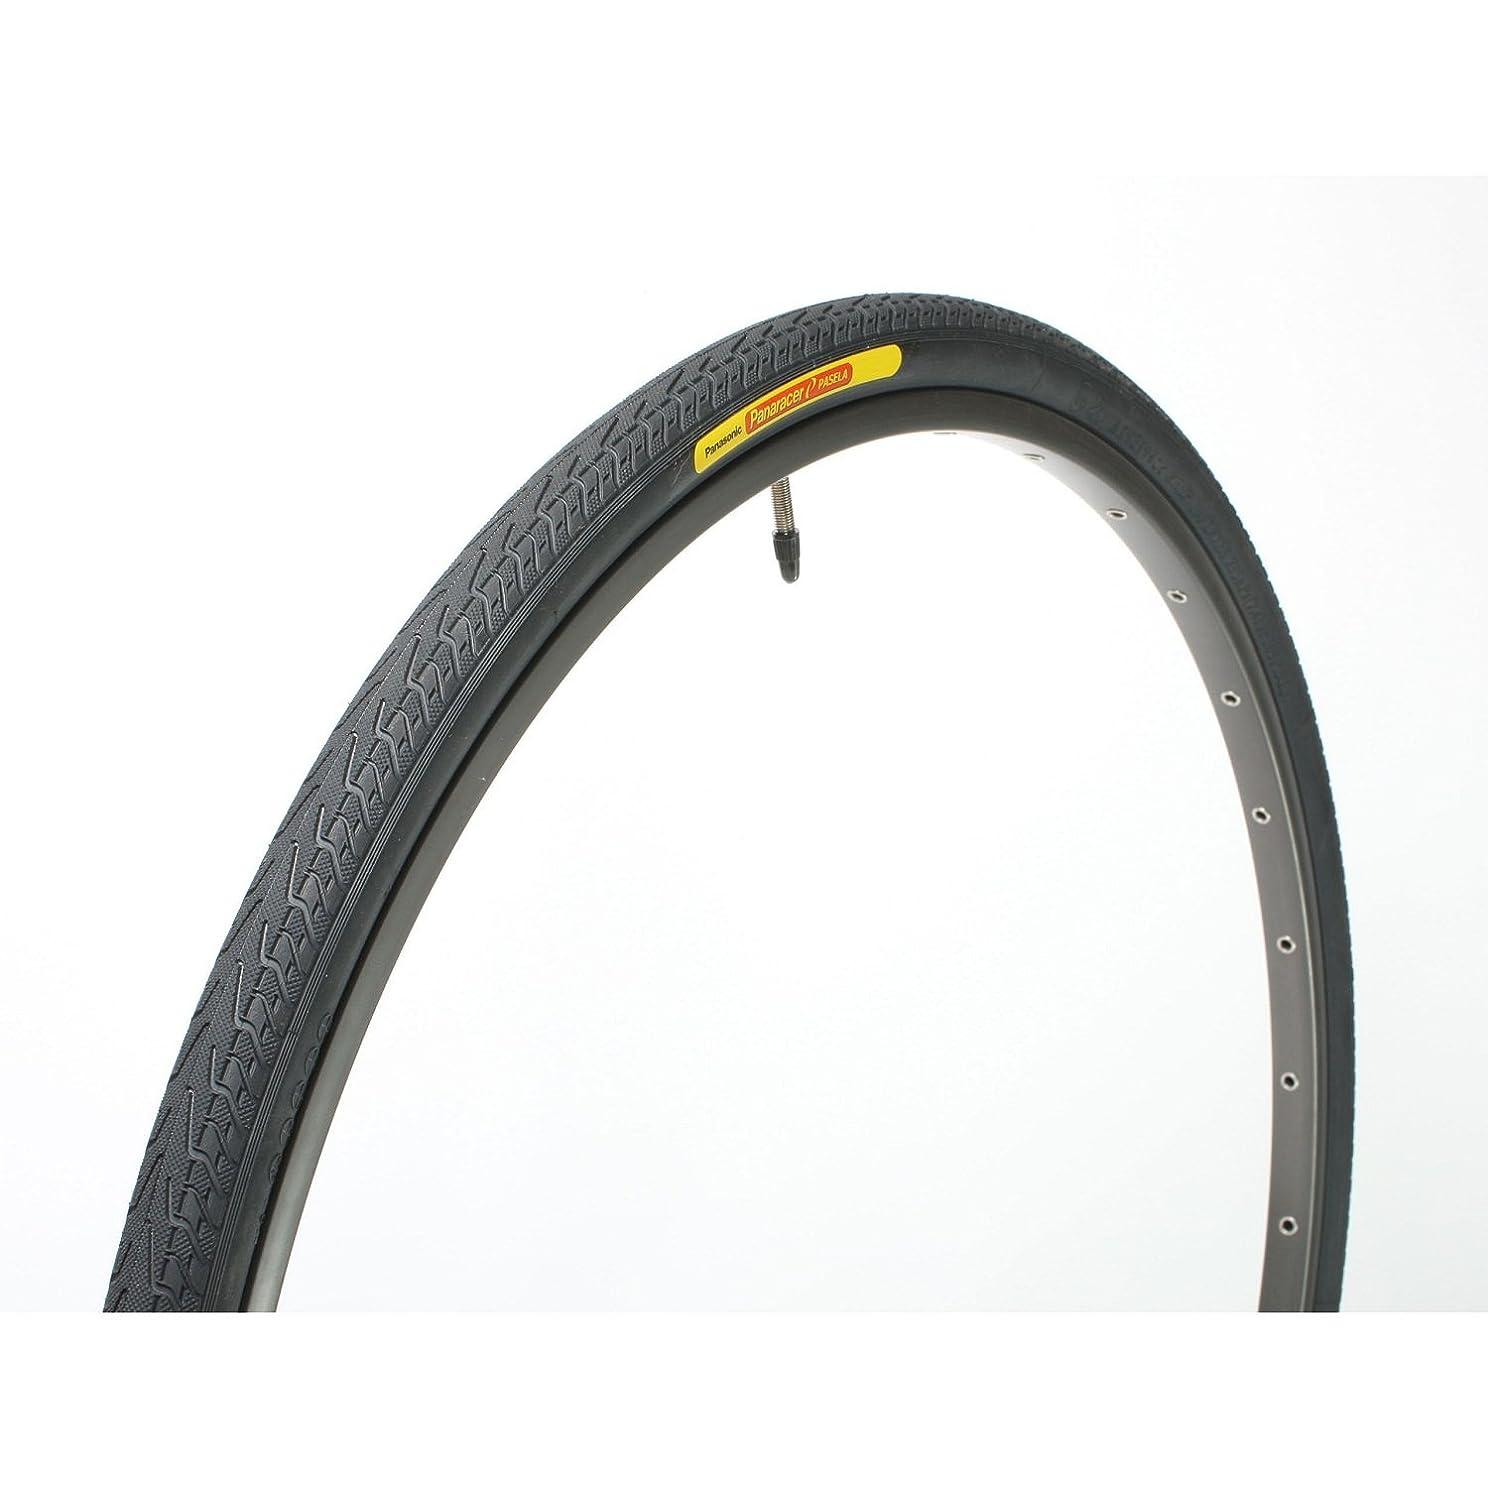 間接的批判する裁判所パナレーサー(Panaracer) クリンチャー タイヤ [700×28C] パセラ ブラックス 8W728-18-B ブラック ( クロスバイク ロードバイク / 街乗り 通勤 ツーリング ロングライド用 )